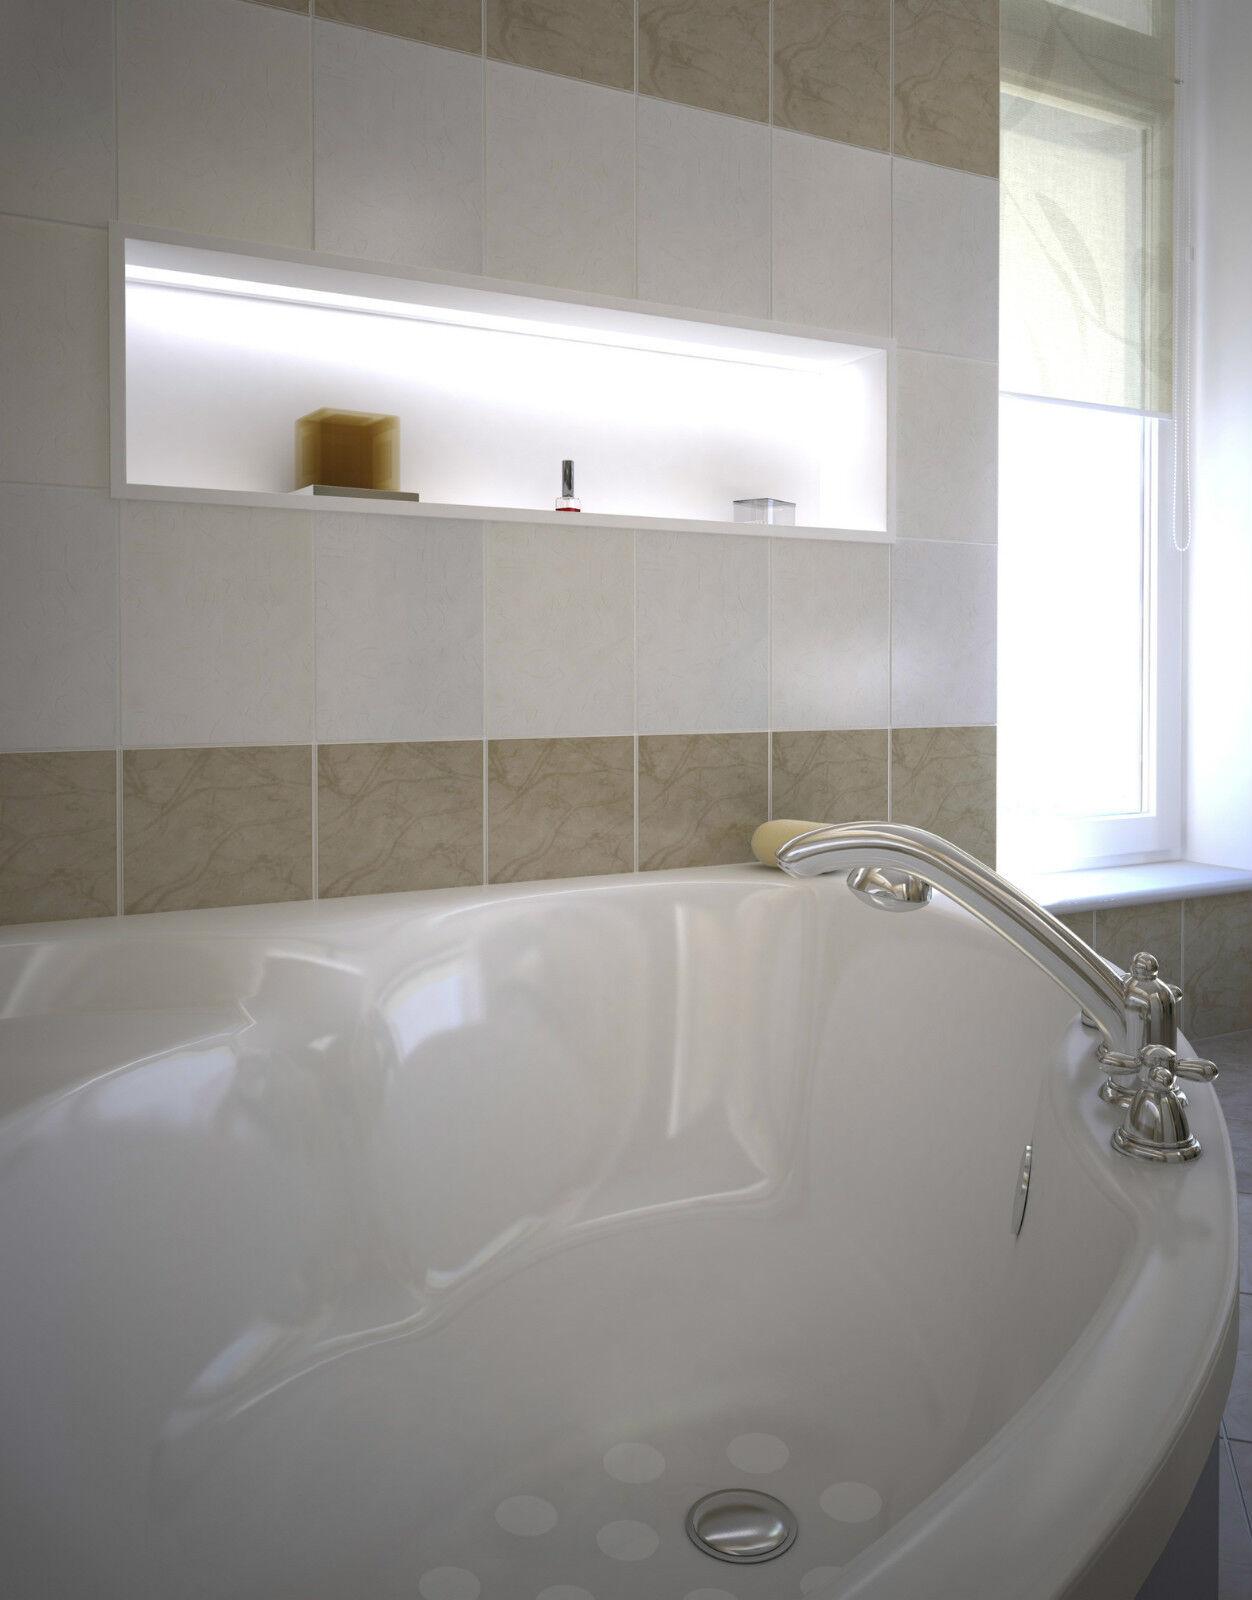 Anti rutsch fliesen folie boden dusche wanne for Fliesen folie holzoptik